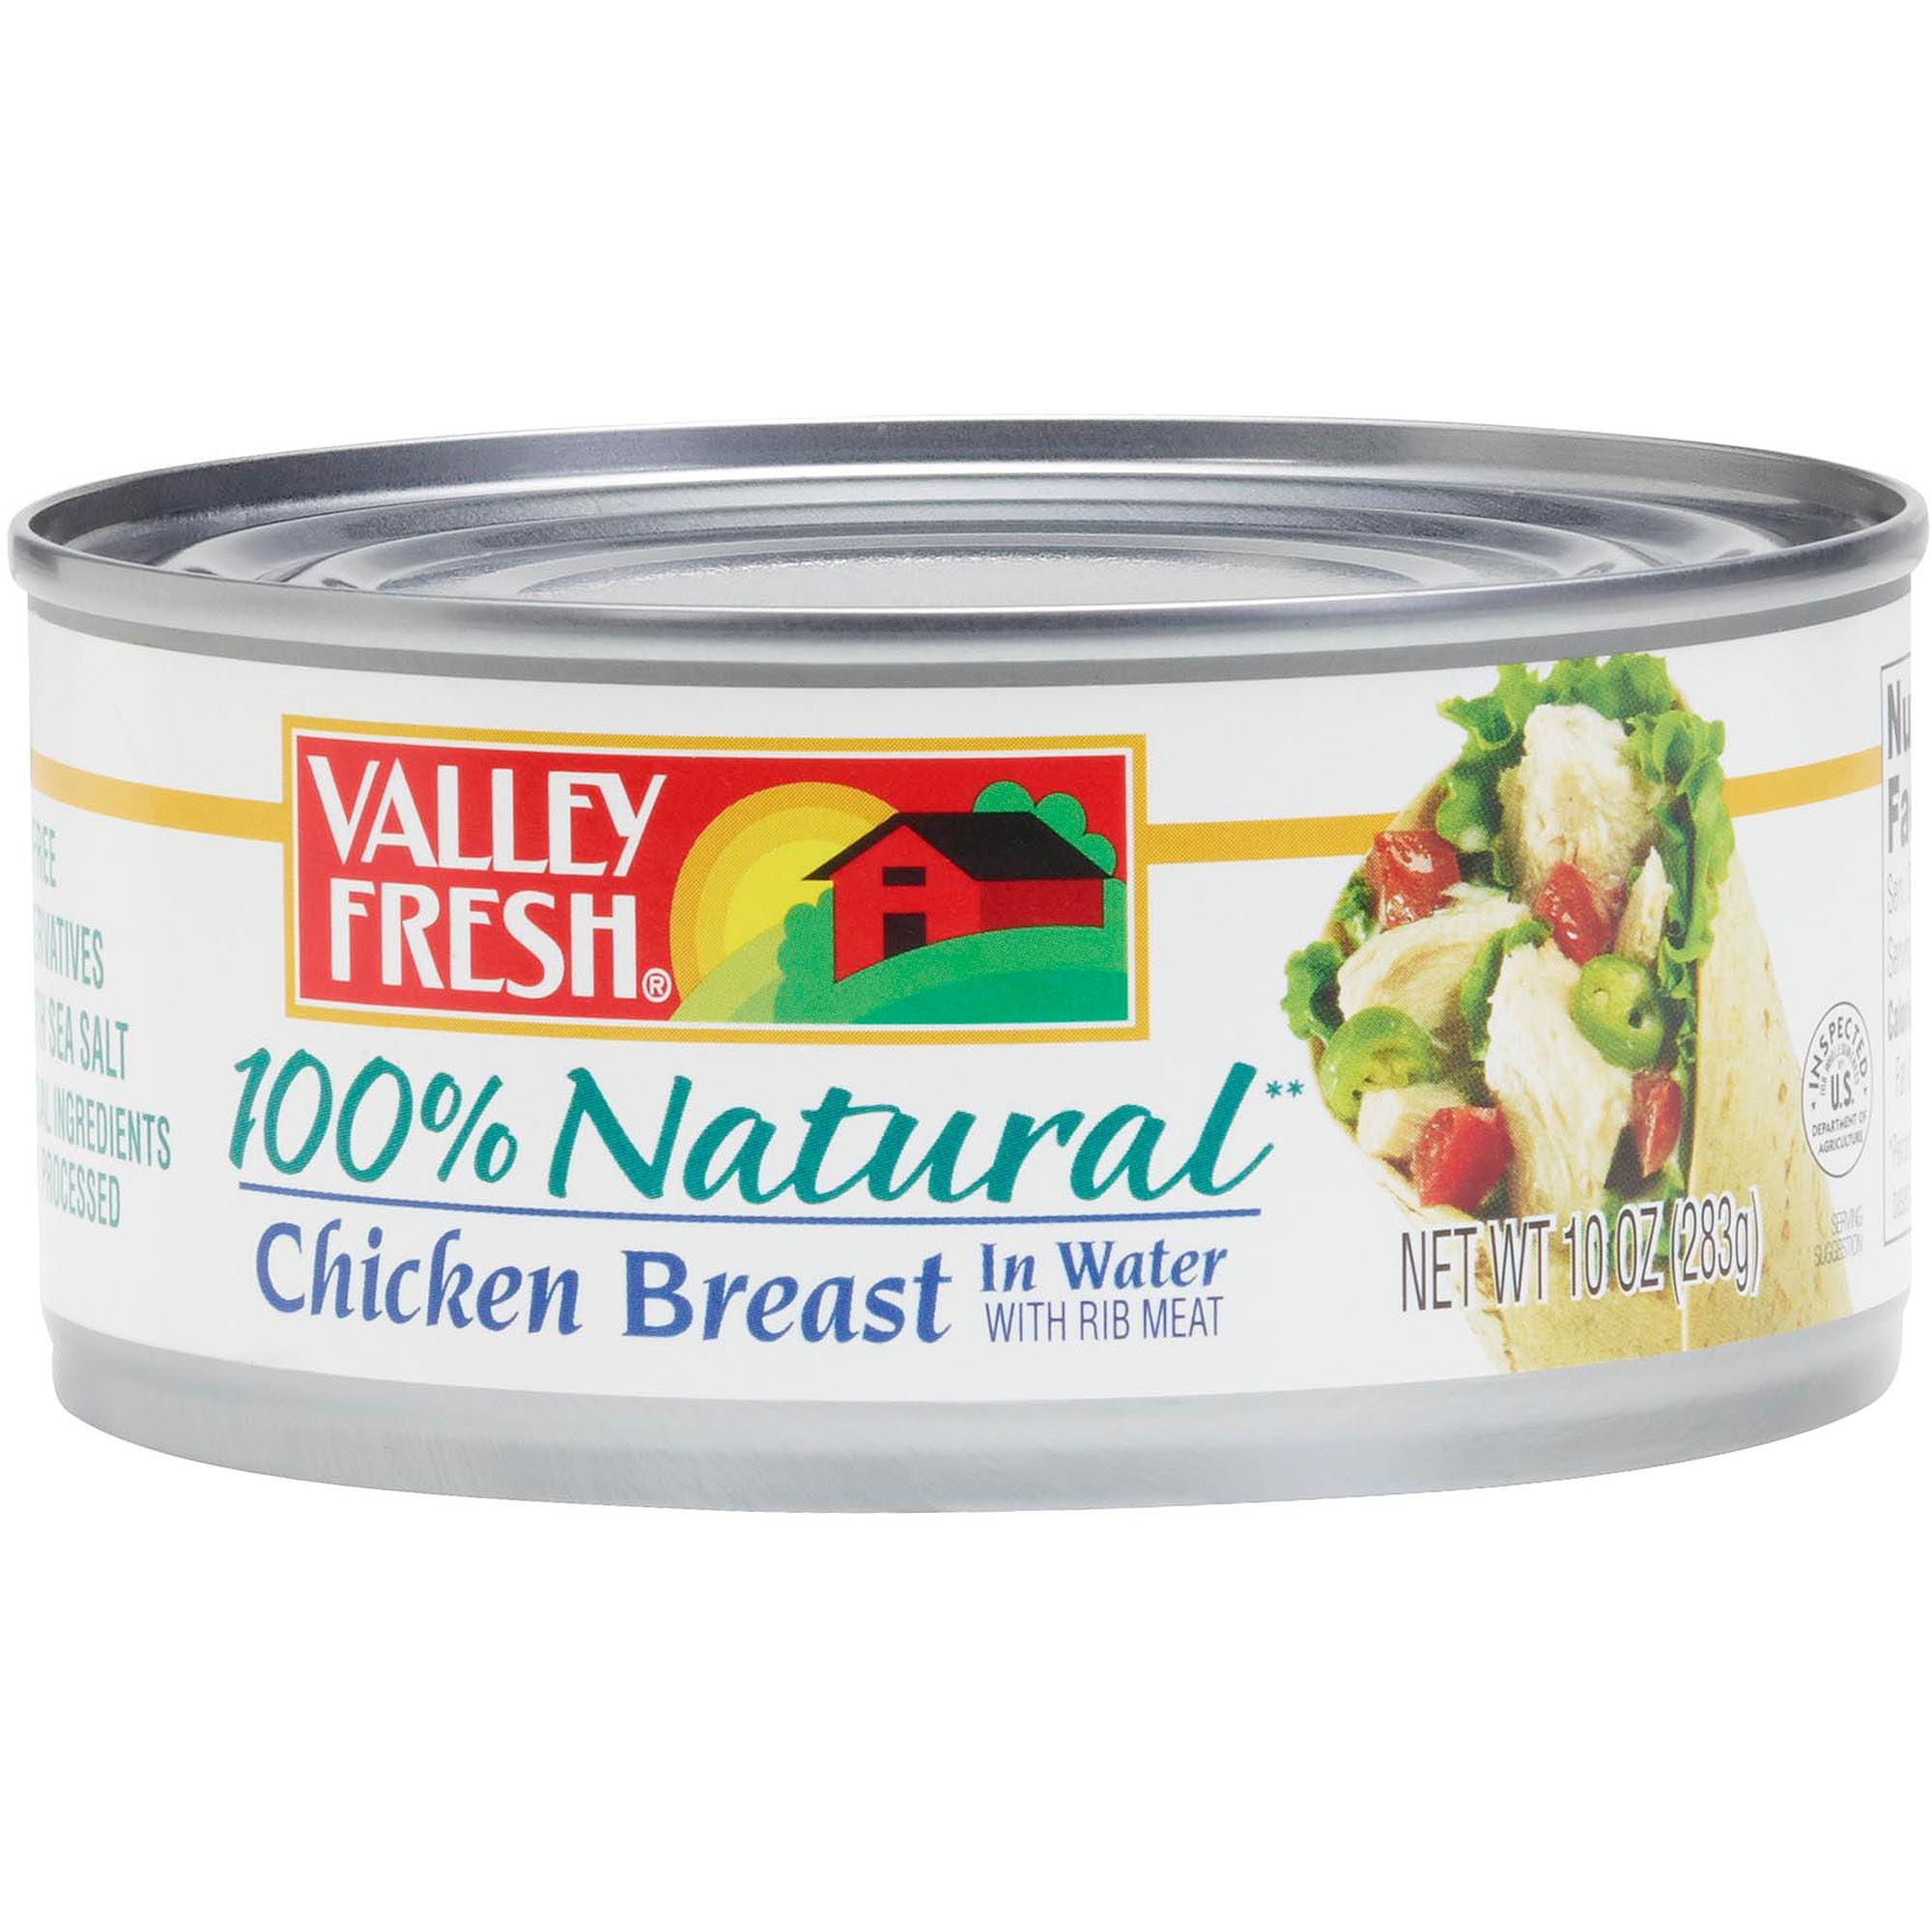 Valley Fresh 100% Natural White Chicken In Water, 12.5 oz